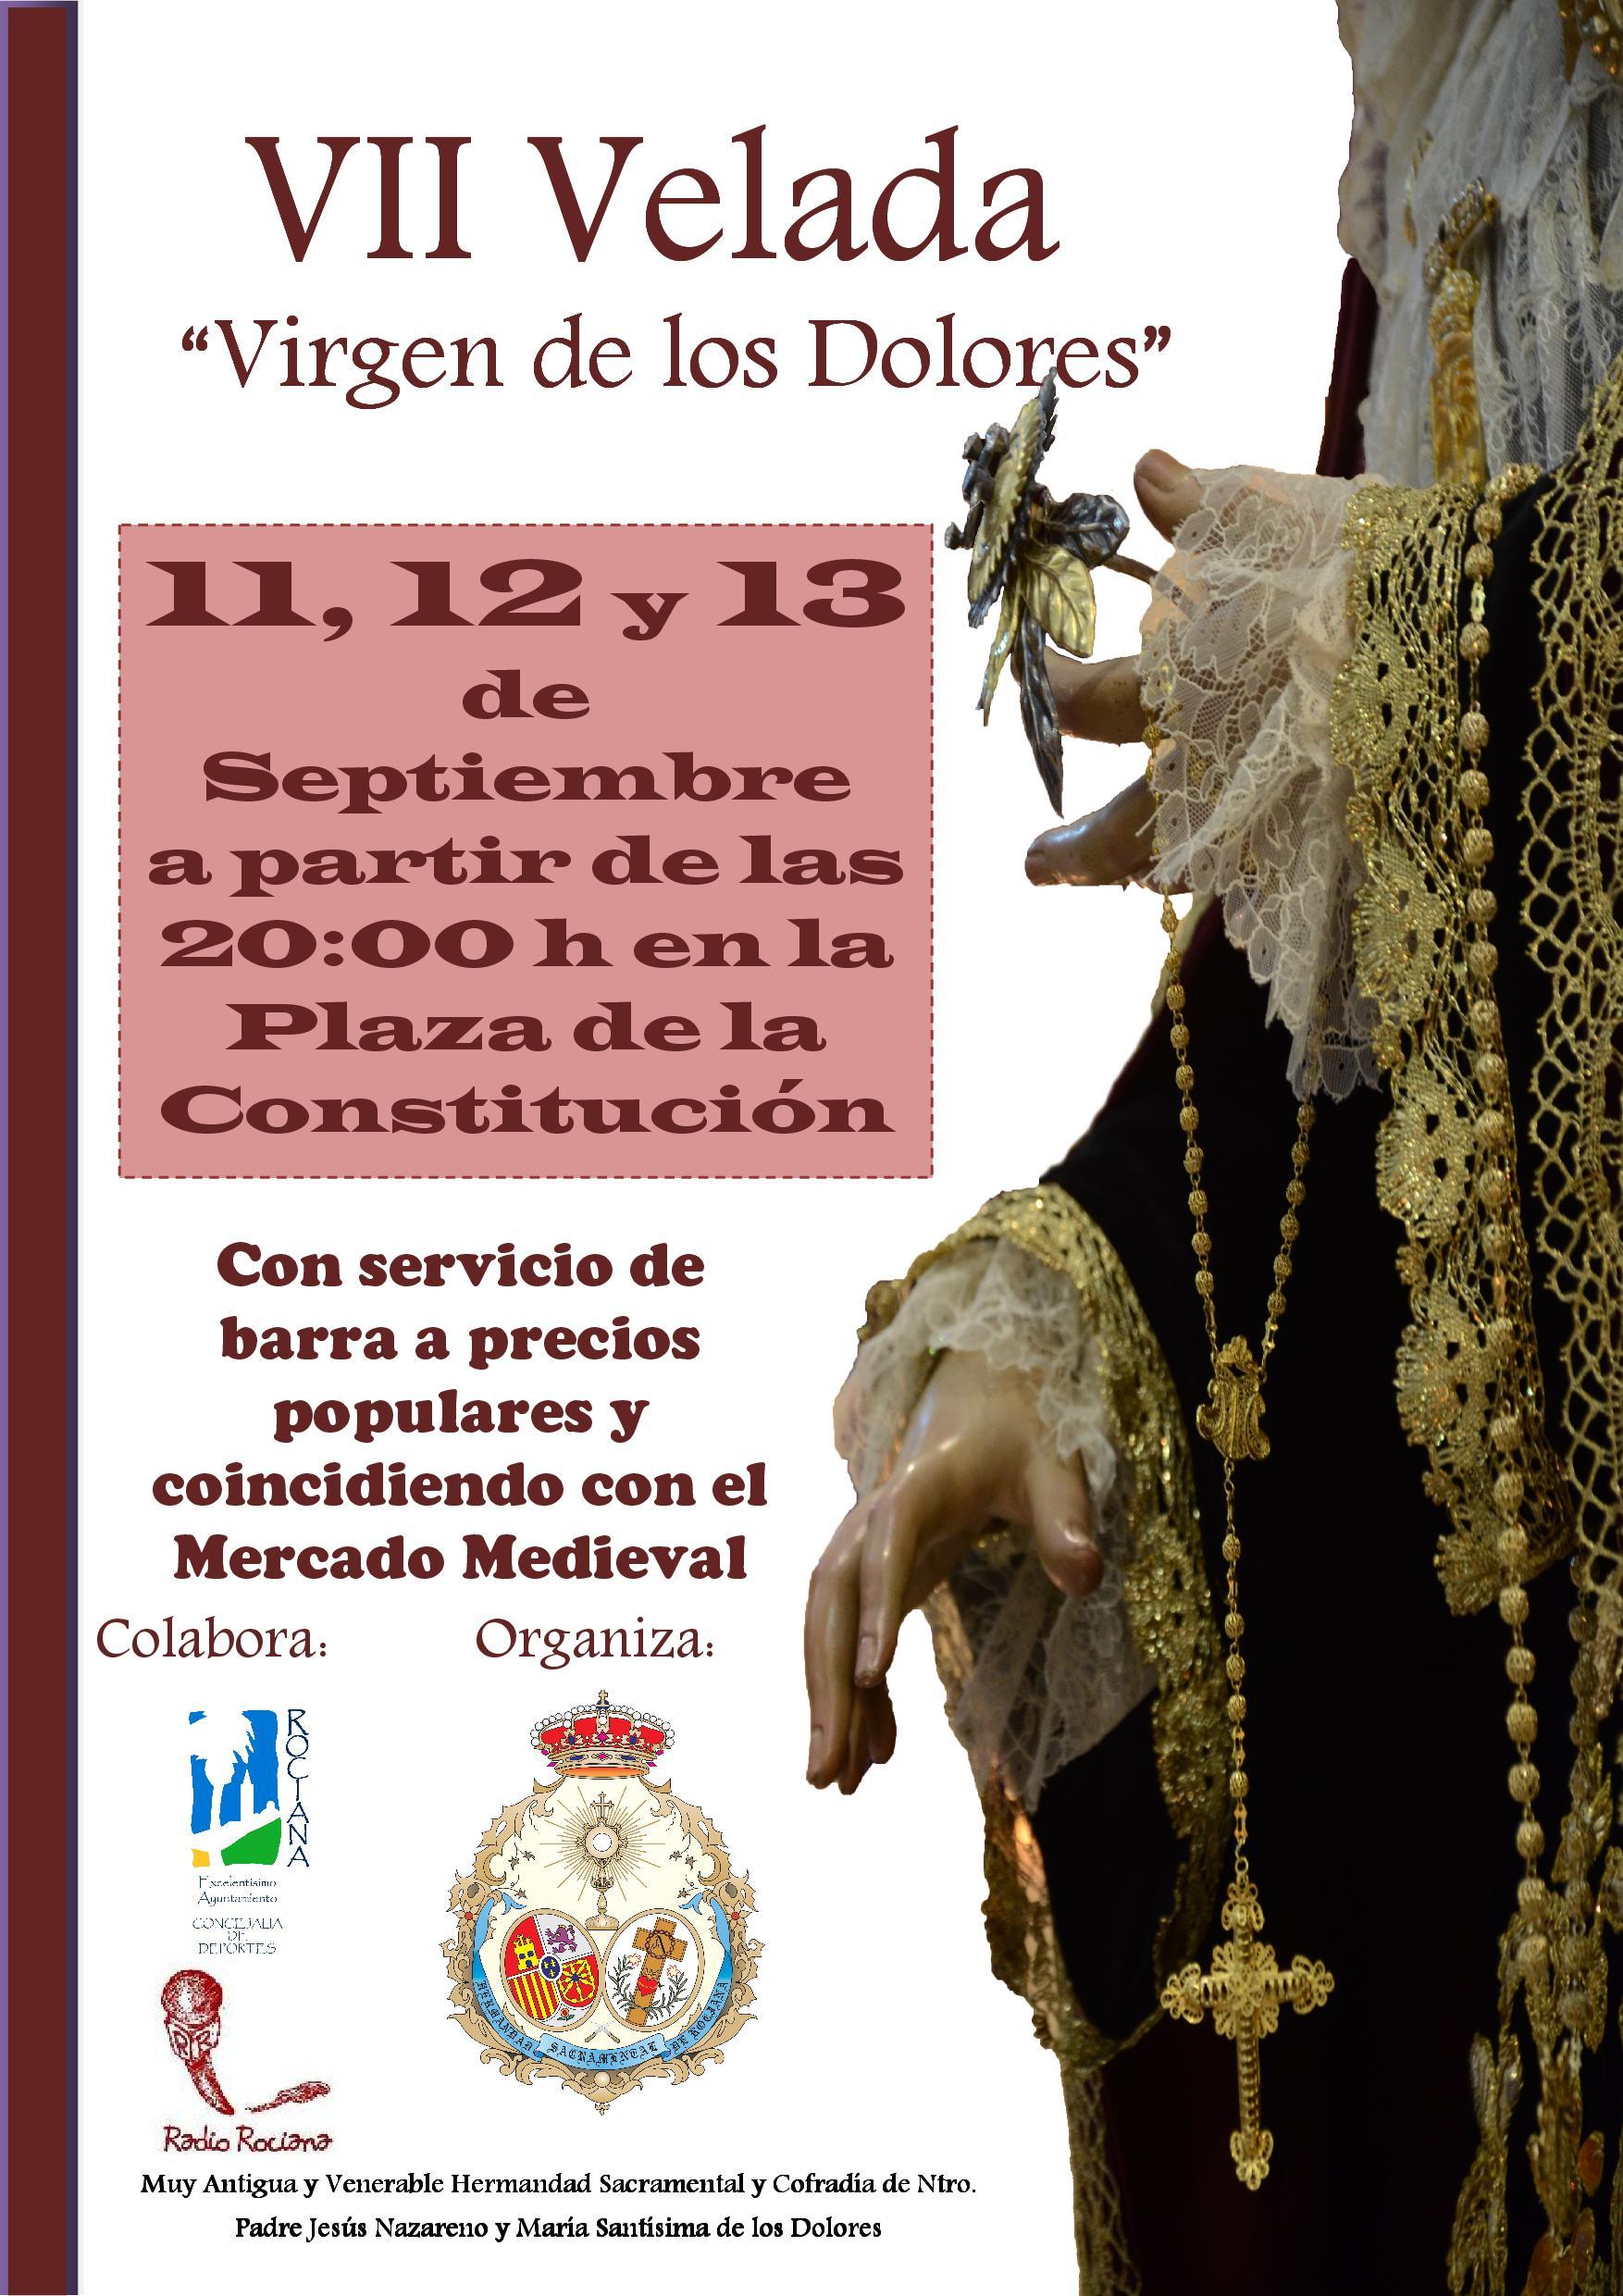 Cartel de la VII Velada 'Virgen de los Dolores'.